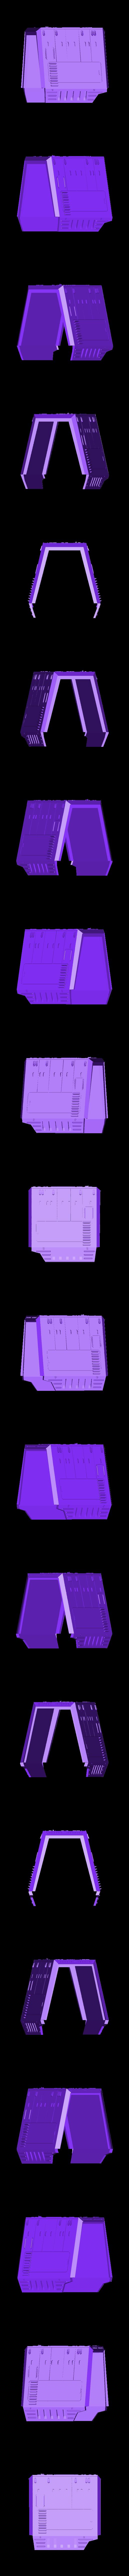 body_central_m.STL Télécharger fichier STL gratuit STARWARS motorisés AT - AT • Plan imprimable en 3D, Rio31